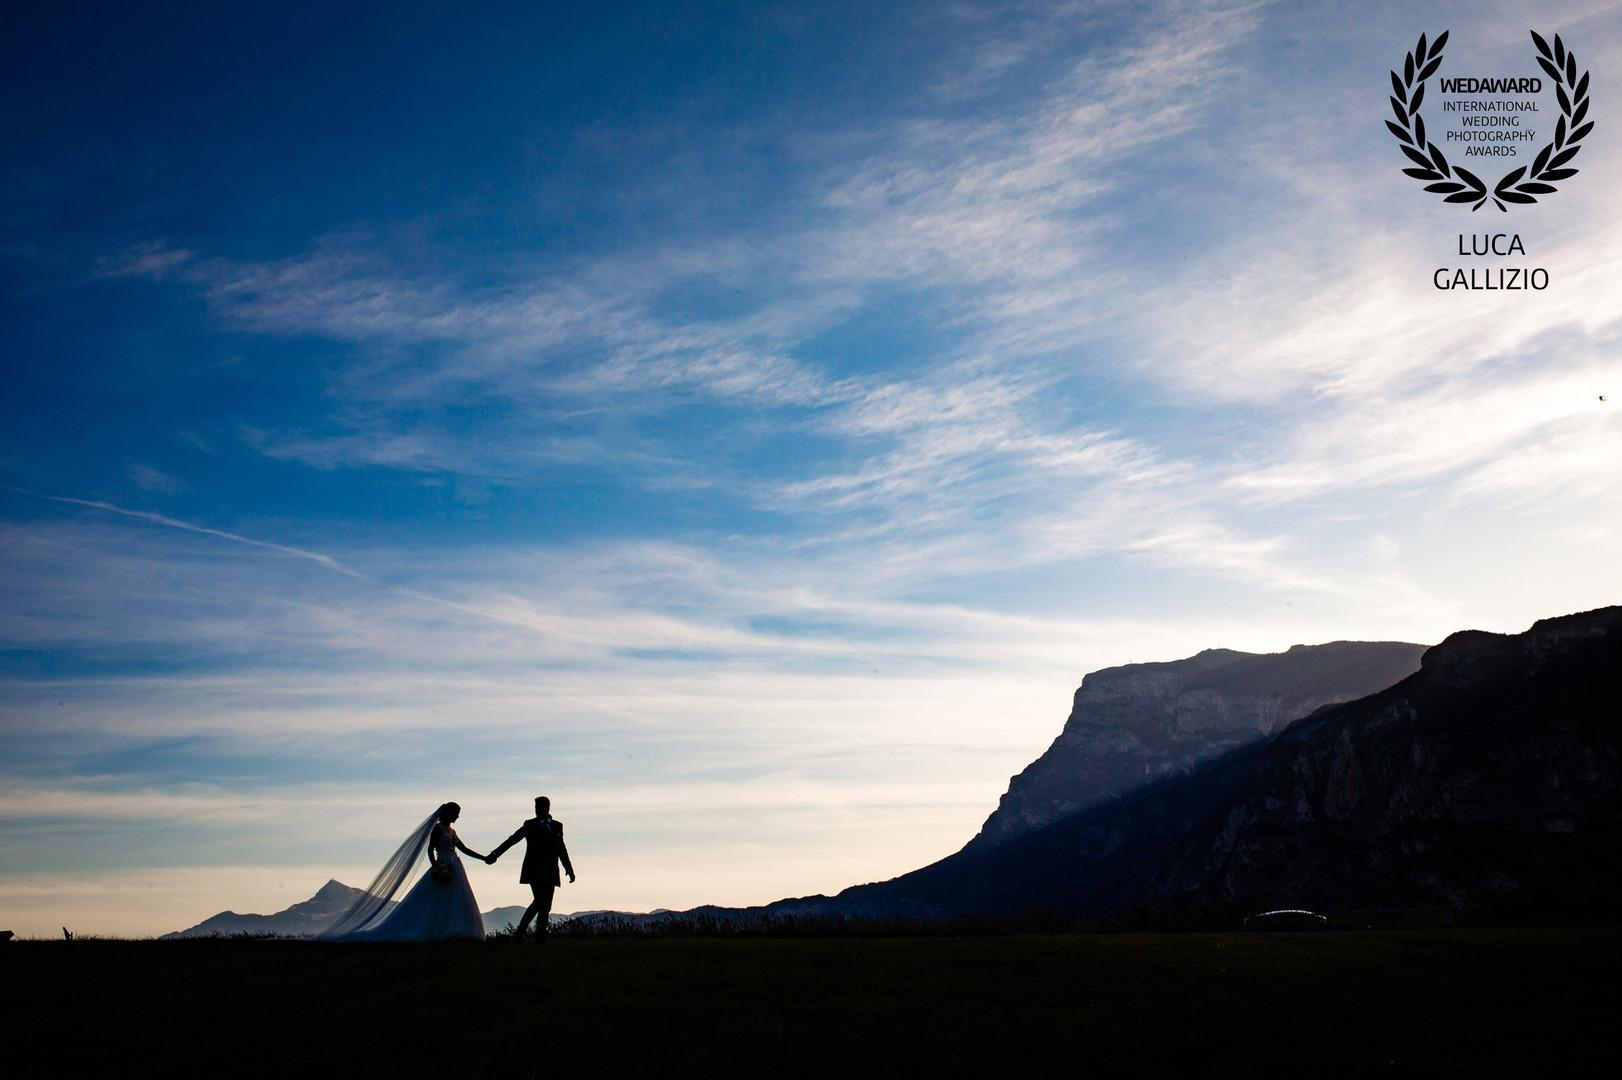 premio-fotografia-matrimonio-trento